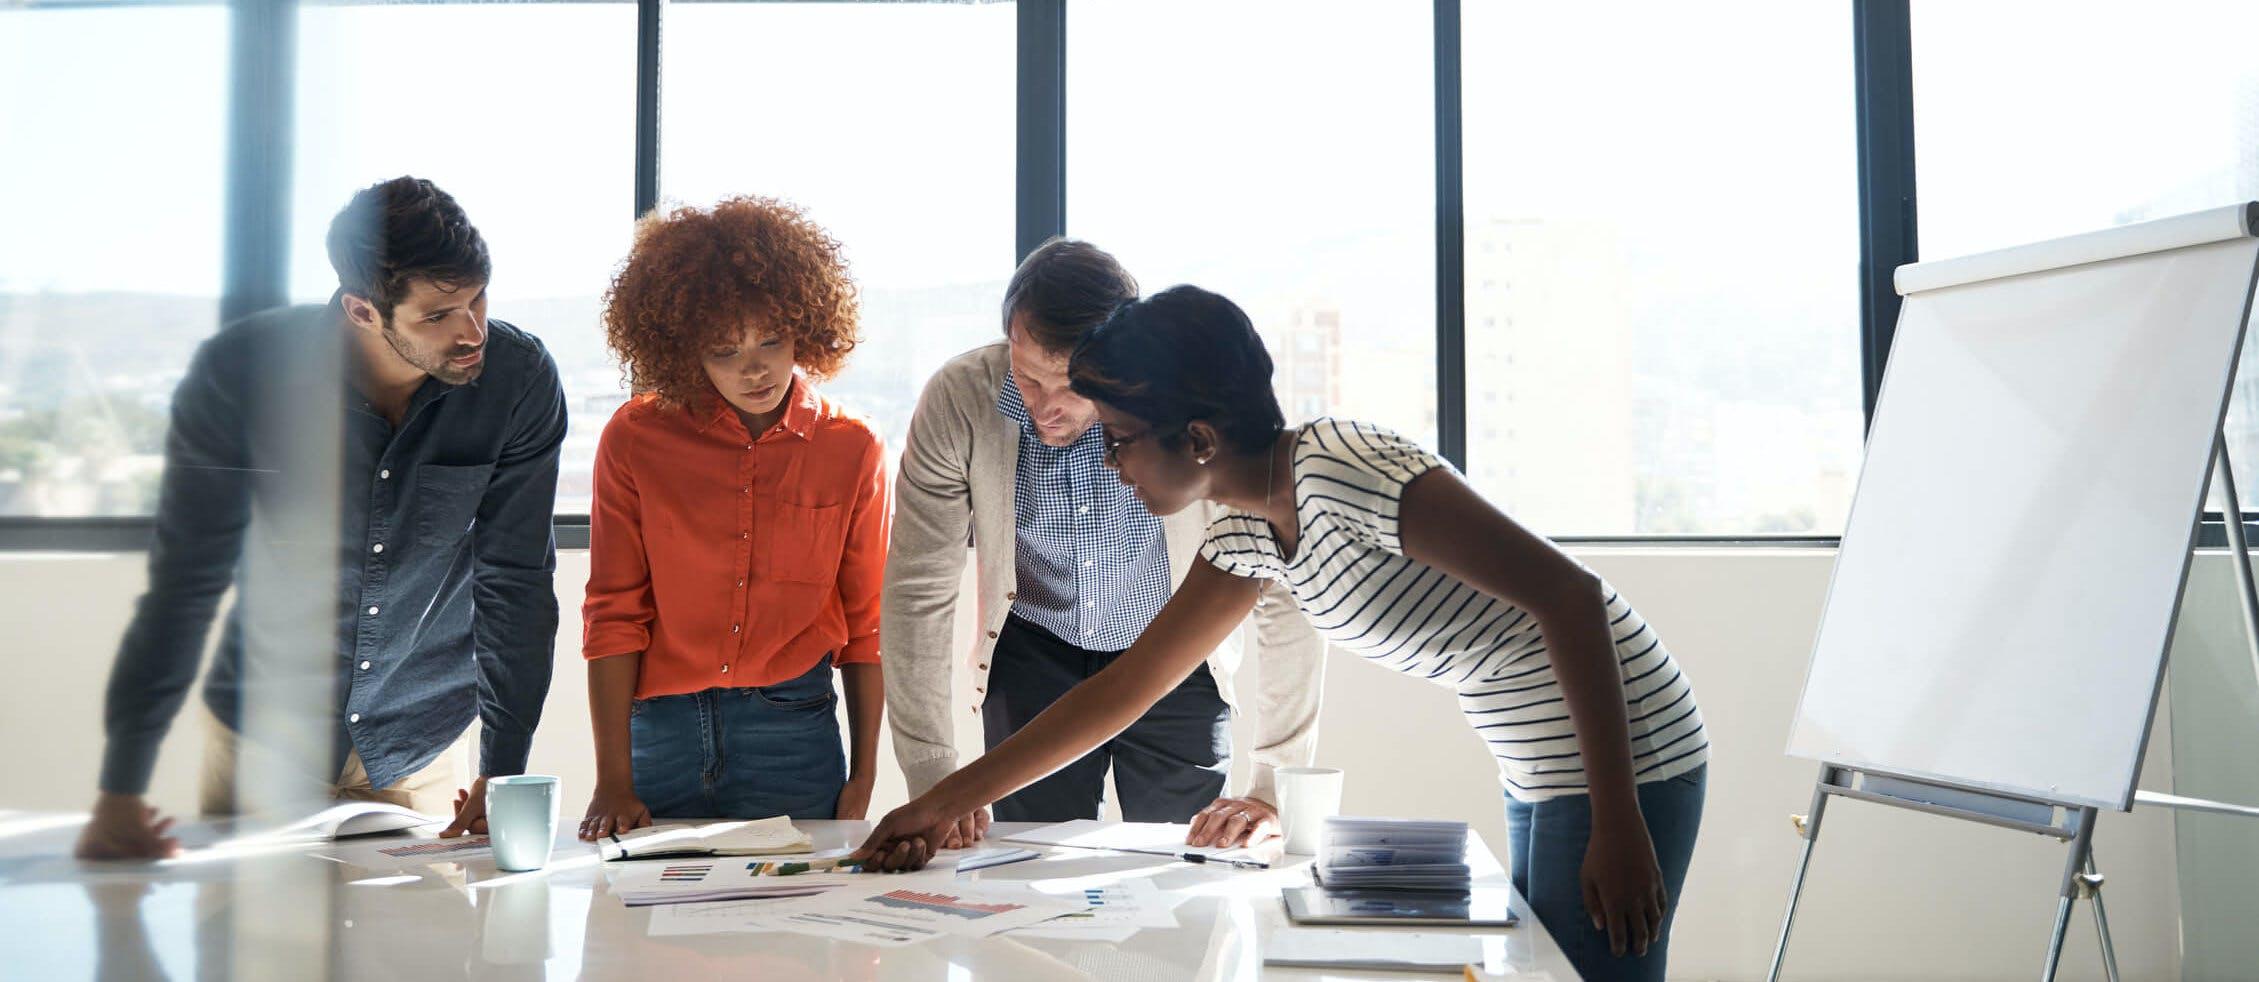 Titelbild-Team-Start-up-Design-Office-iStock-532052046